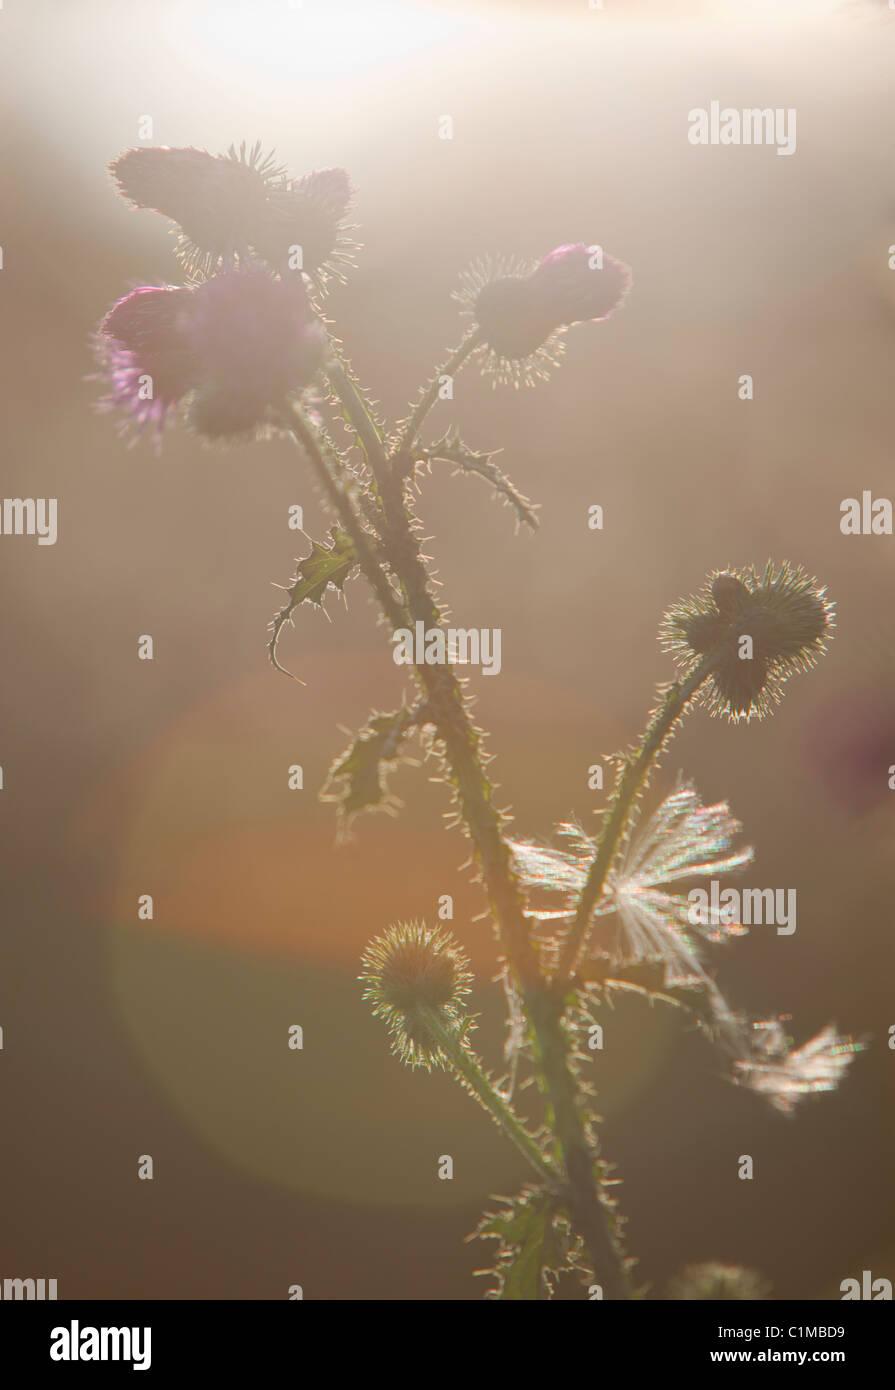 Silhouette der Vermehrung der Pflanze Klette (Arctium, Asteraceae) Stockbild